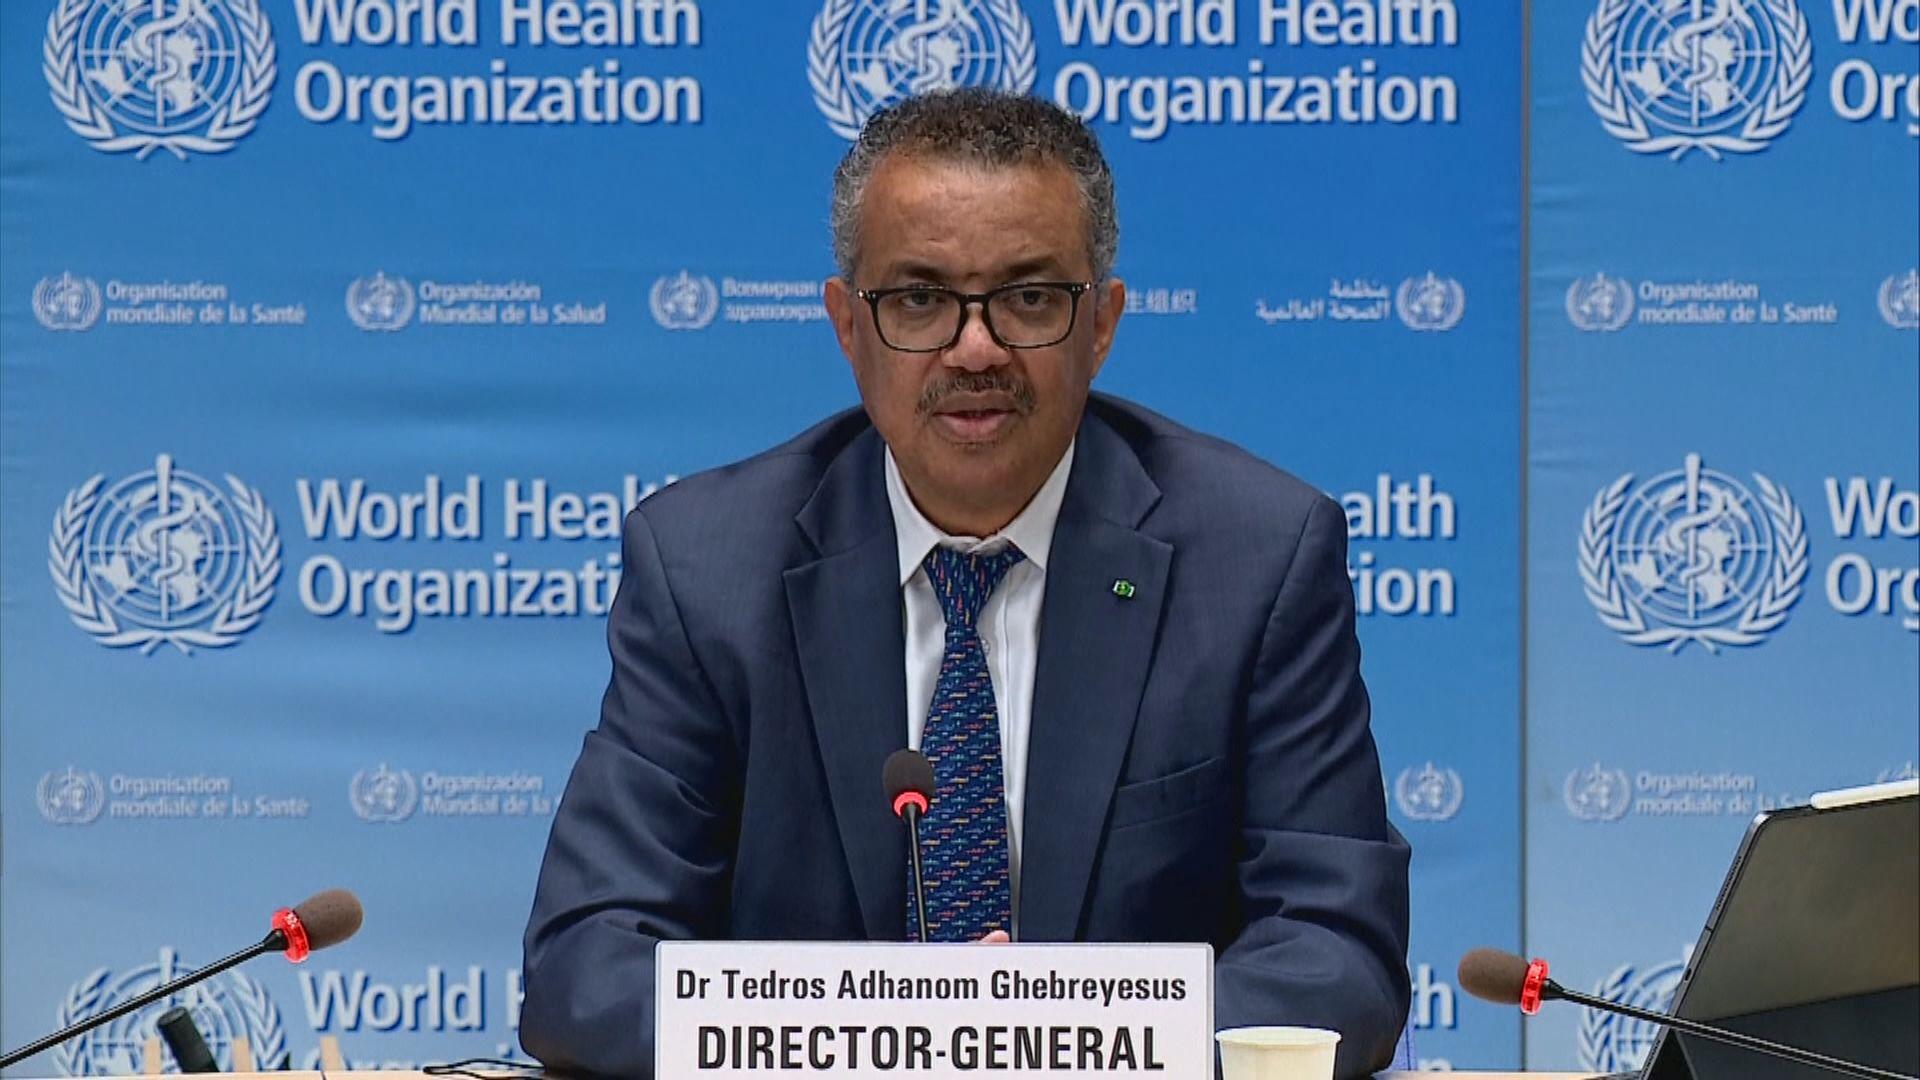 譚德塞:新冠疫情為世衛歷來最嚴重緊急衞生事件